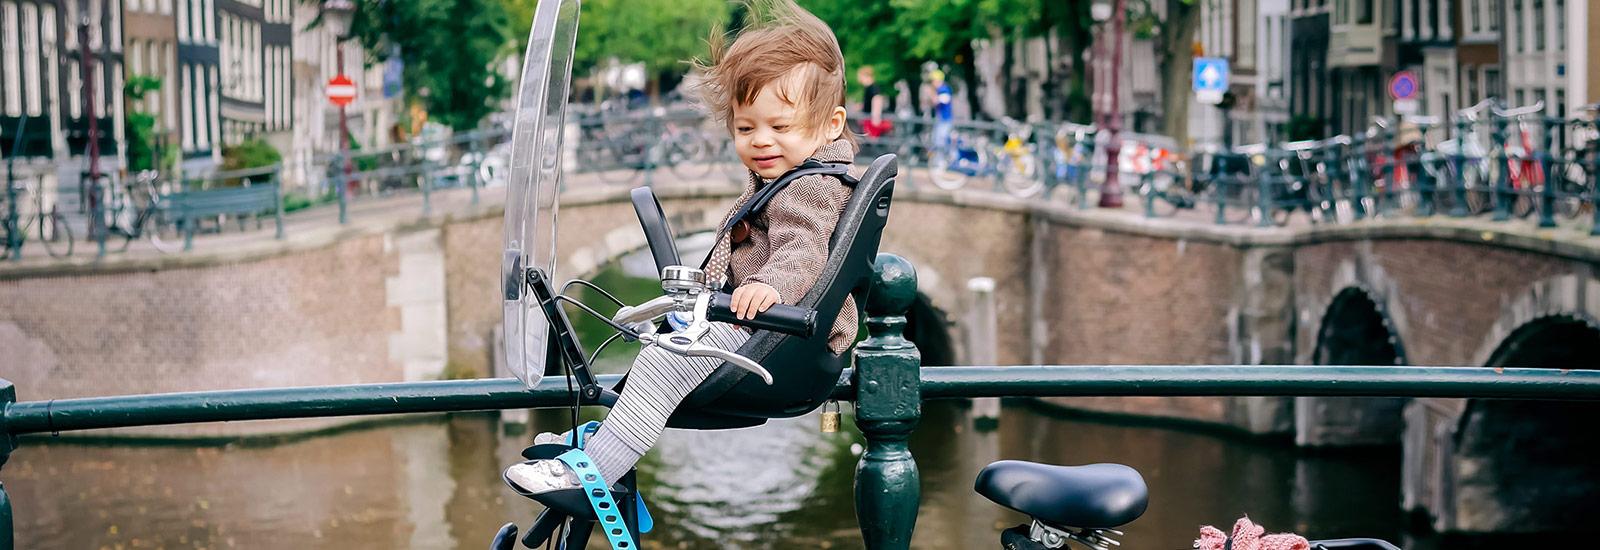 Review of the Thule Yepp Nexxt Mini Child Bike Seat